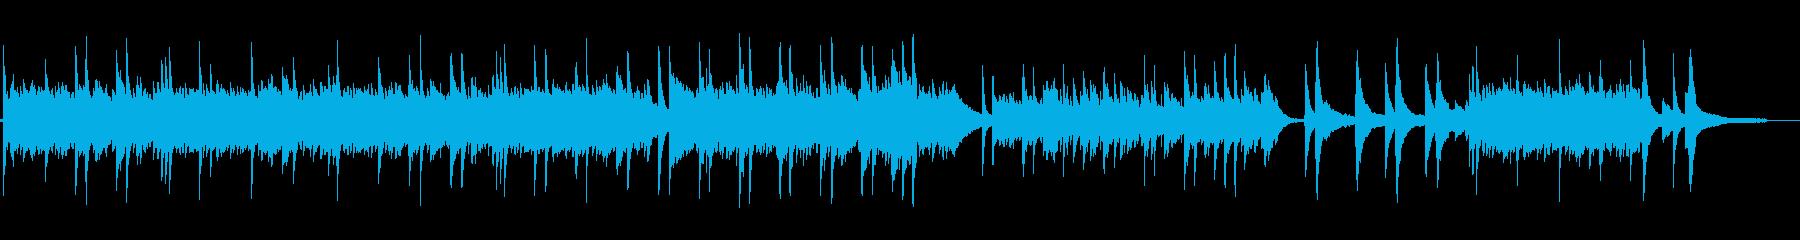 子守歌のようなピアノソロの再生済みの波形